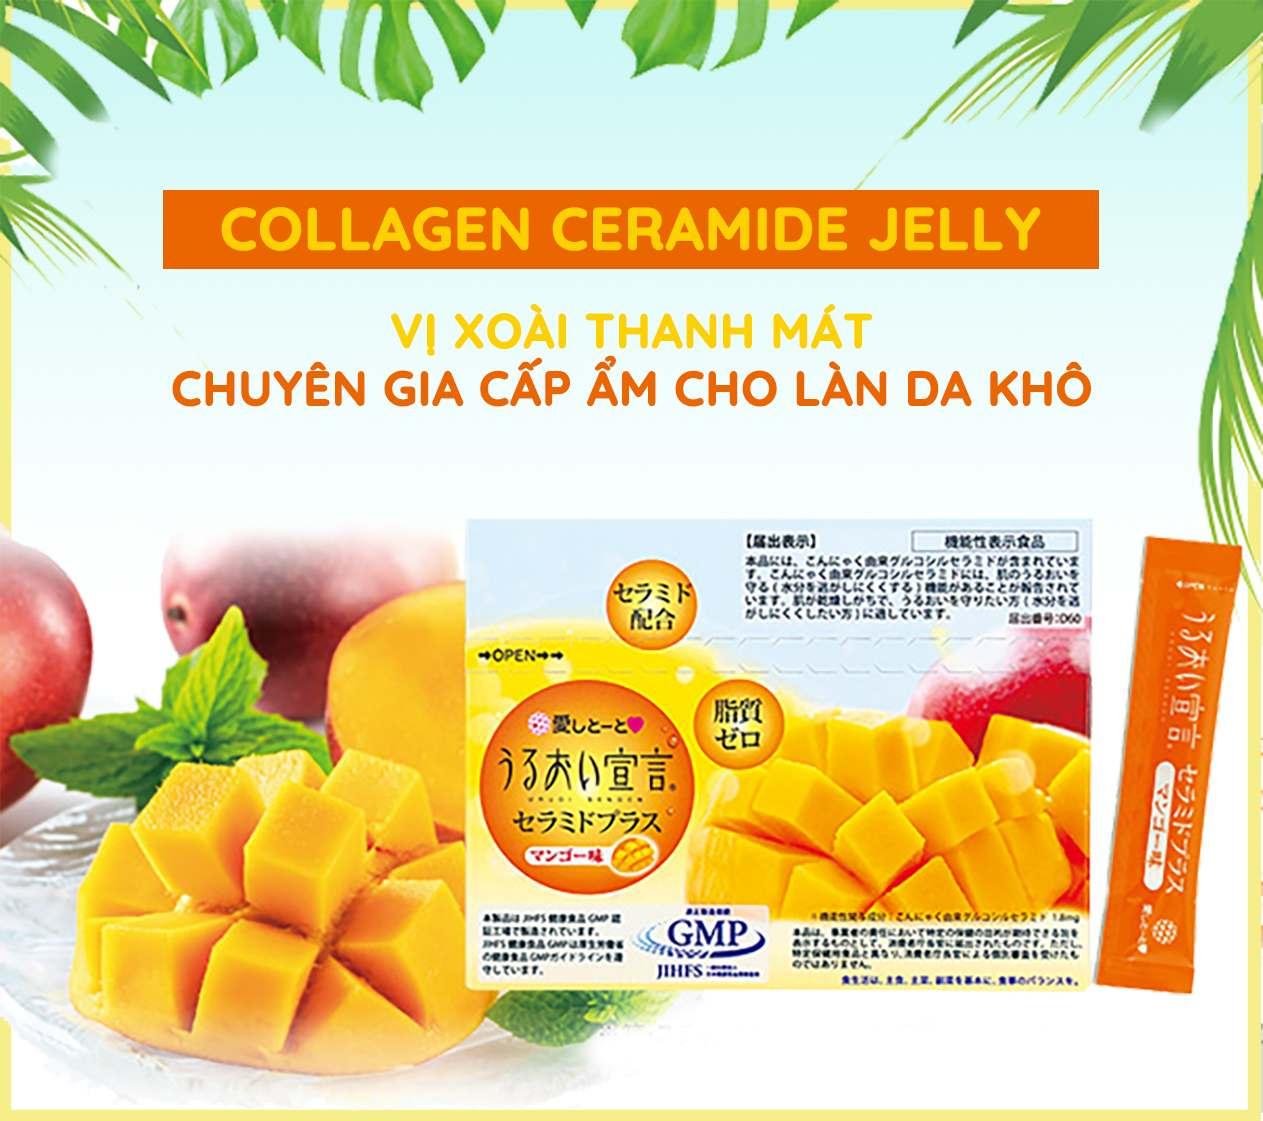 Thạch Collagen Vị Xoài Aishitoto Collagen Jelly Ceramide Mango 1